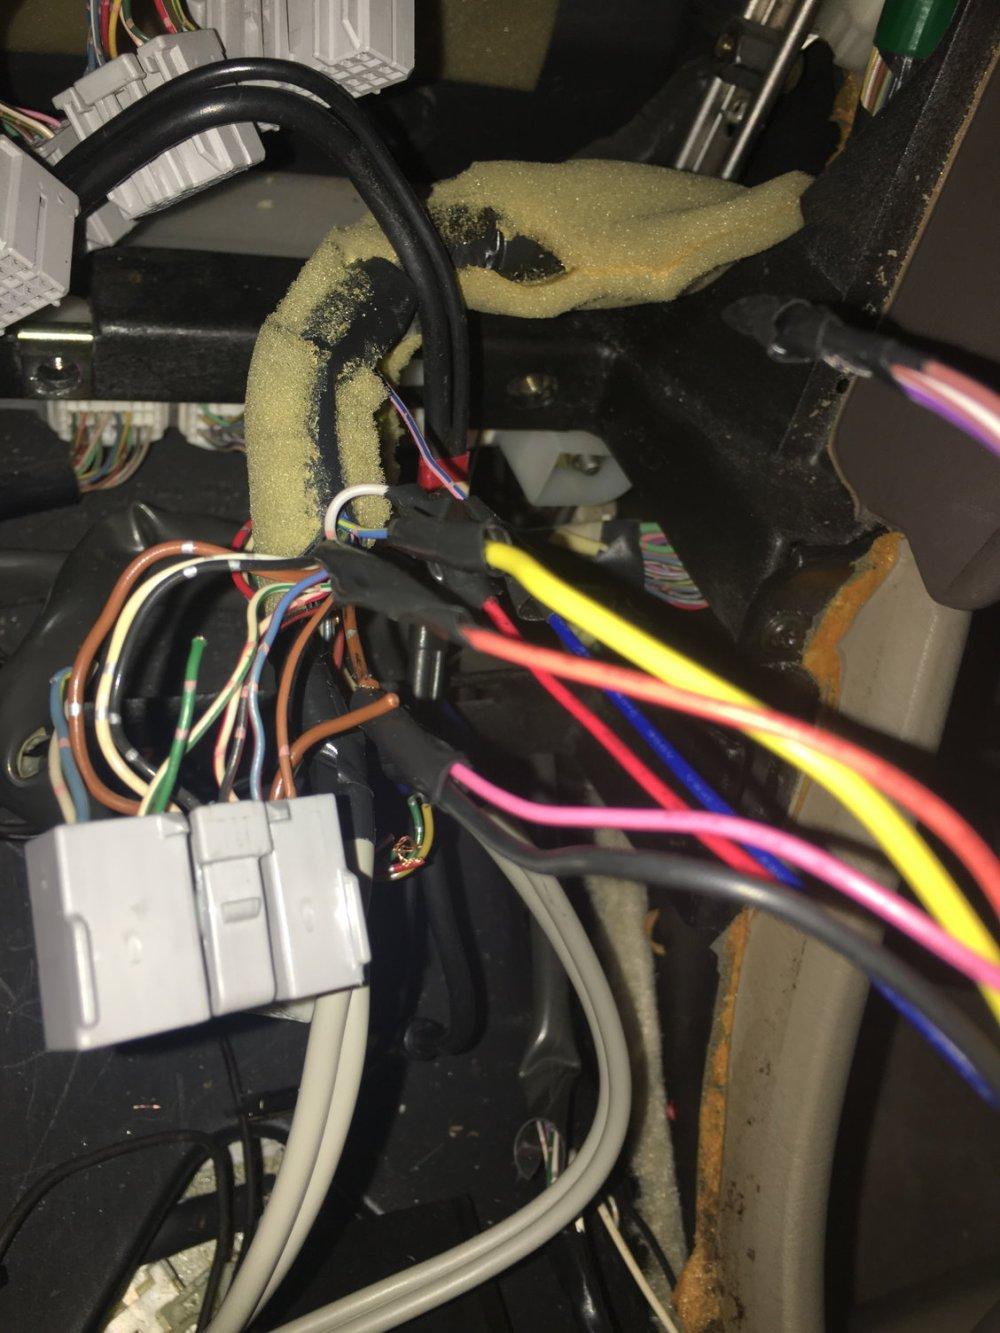 medium resolution of 1996 lexus ls400 stereo install wiring info diagrams club wiring 1996 lexus ls400 stereo install wiring info diagrams club